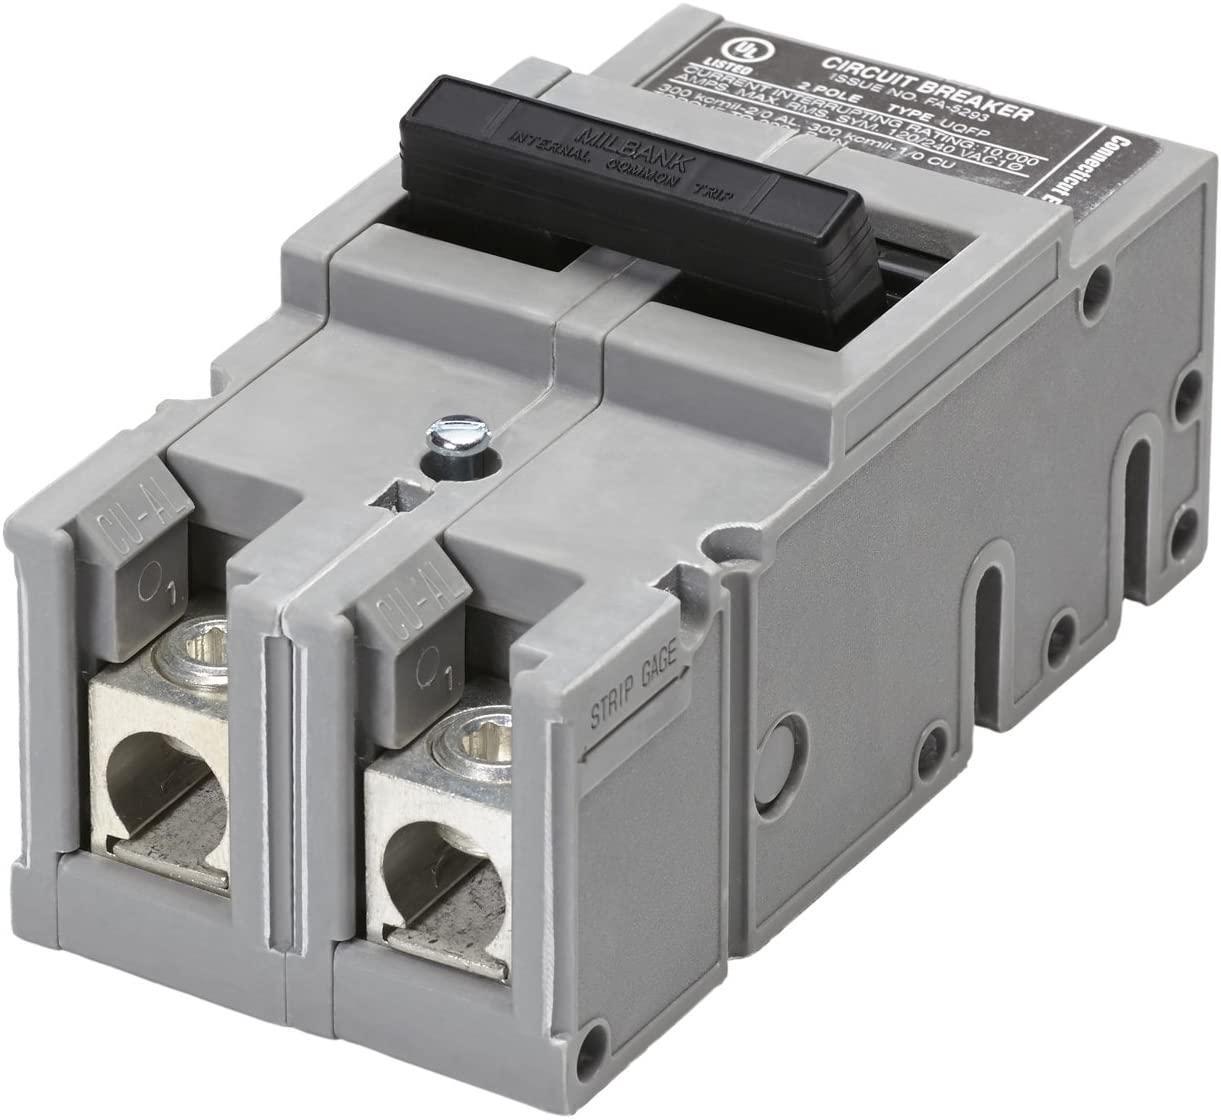 Connecticut Electric UBITBFP1502 TBFP1502 2P 150A MAIN UBI Replacement Breaker for Zinsco Type QFP